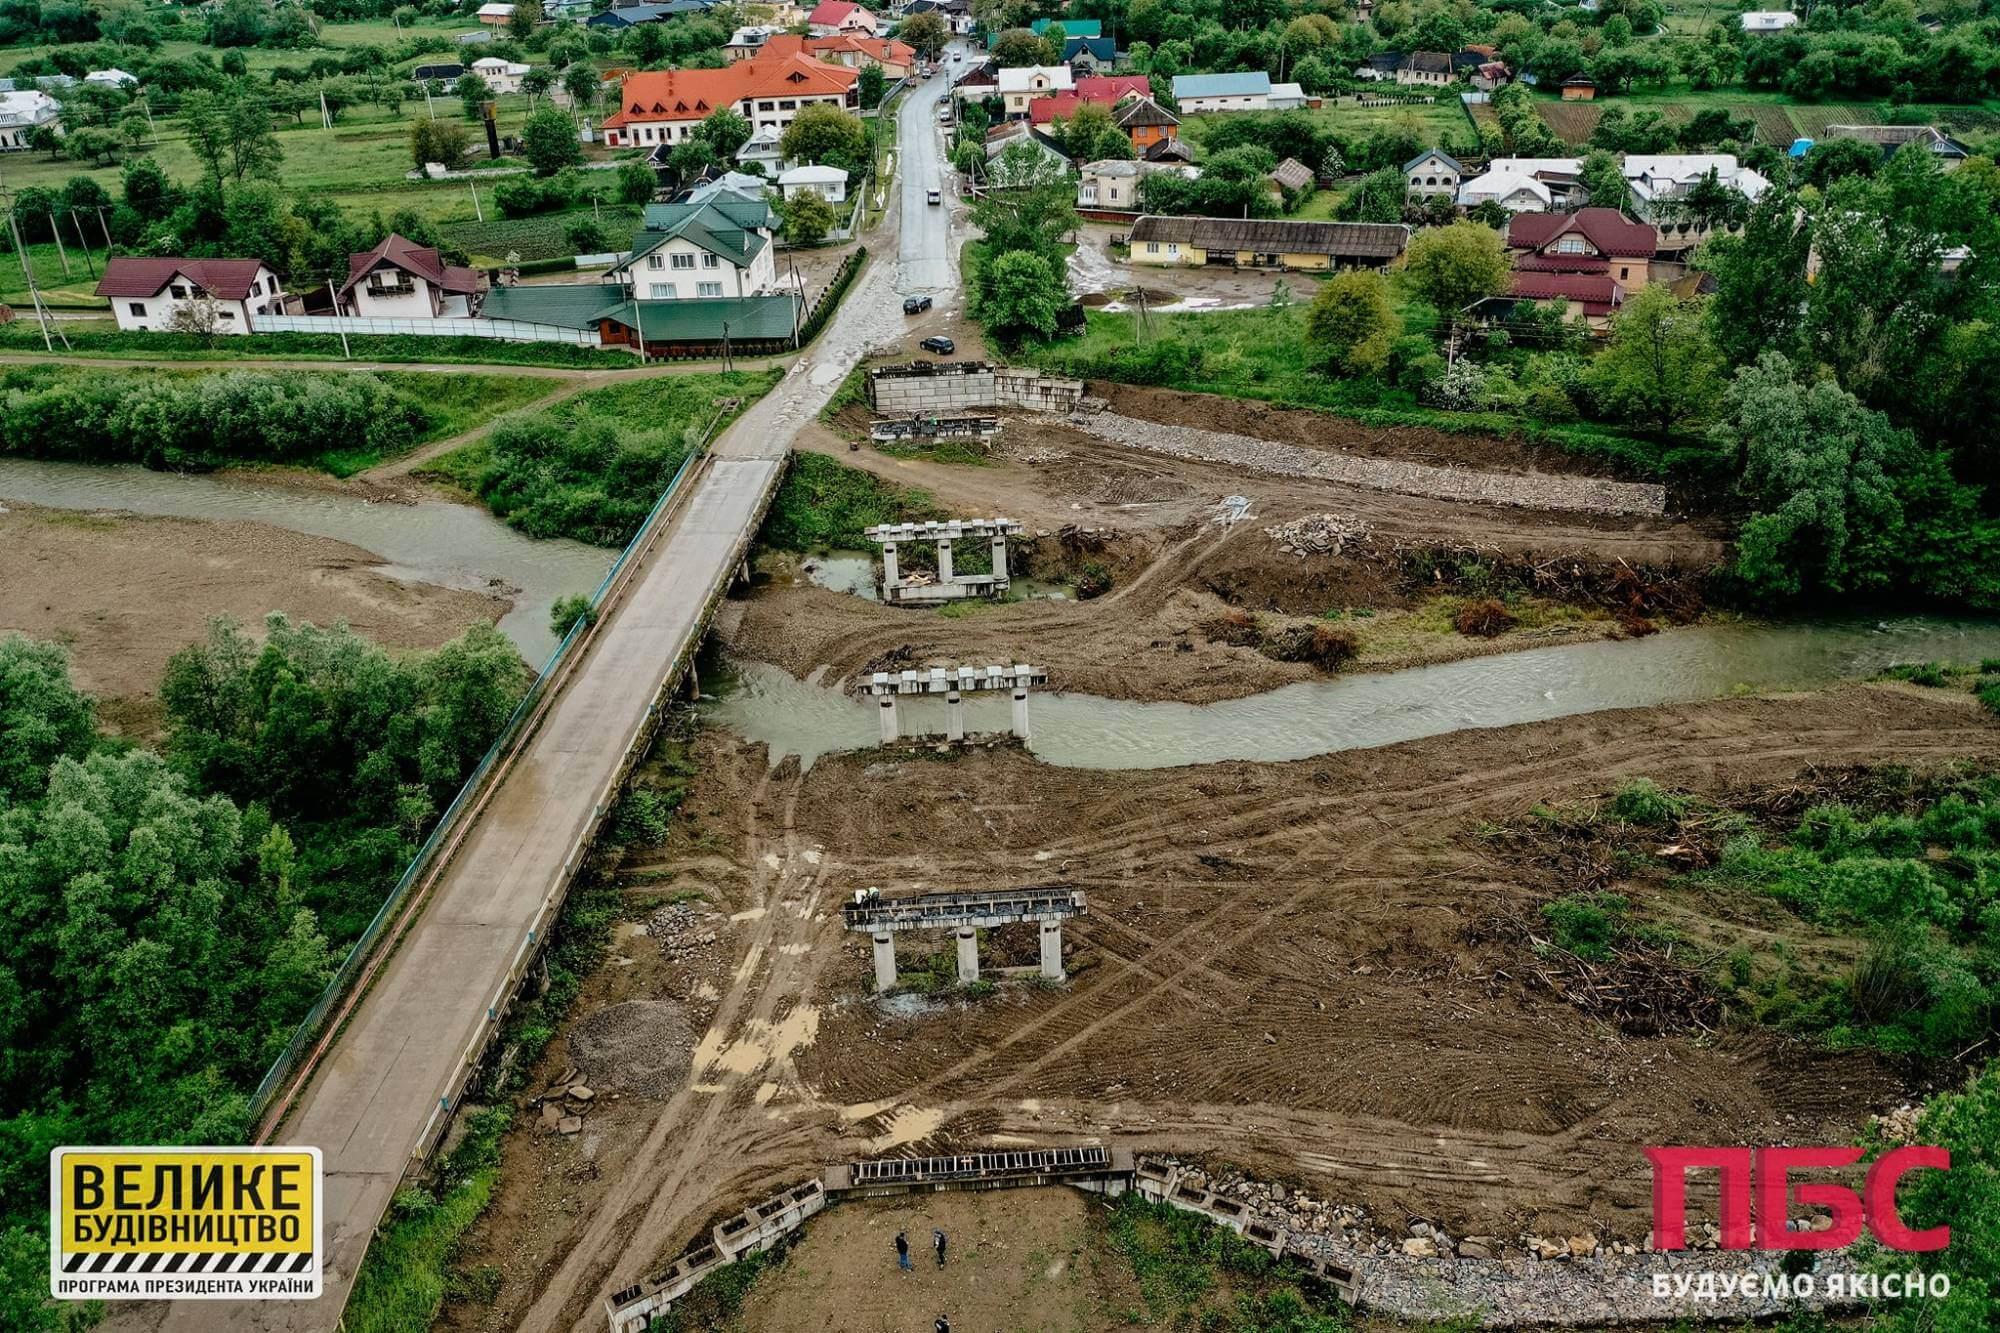 У Рожневі взялися за міст, будівництво якого стартувало понад 10 років тому (ФОТО)